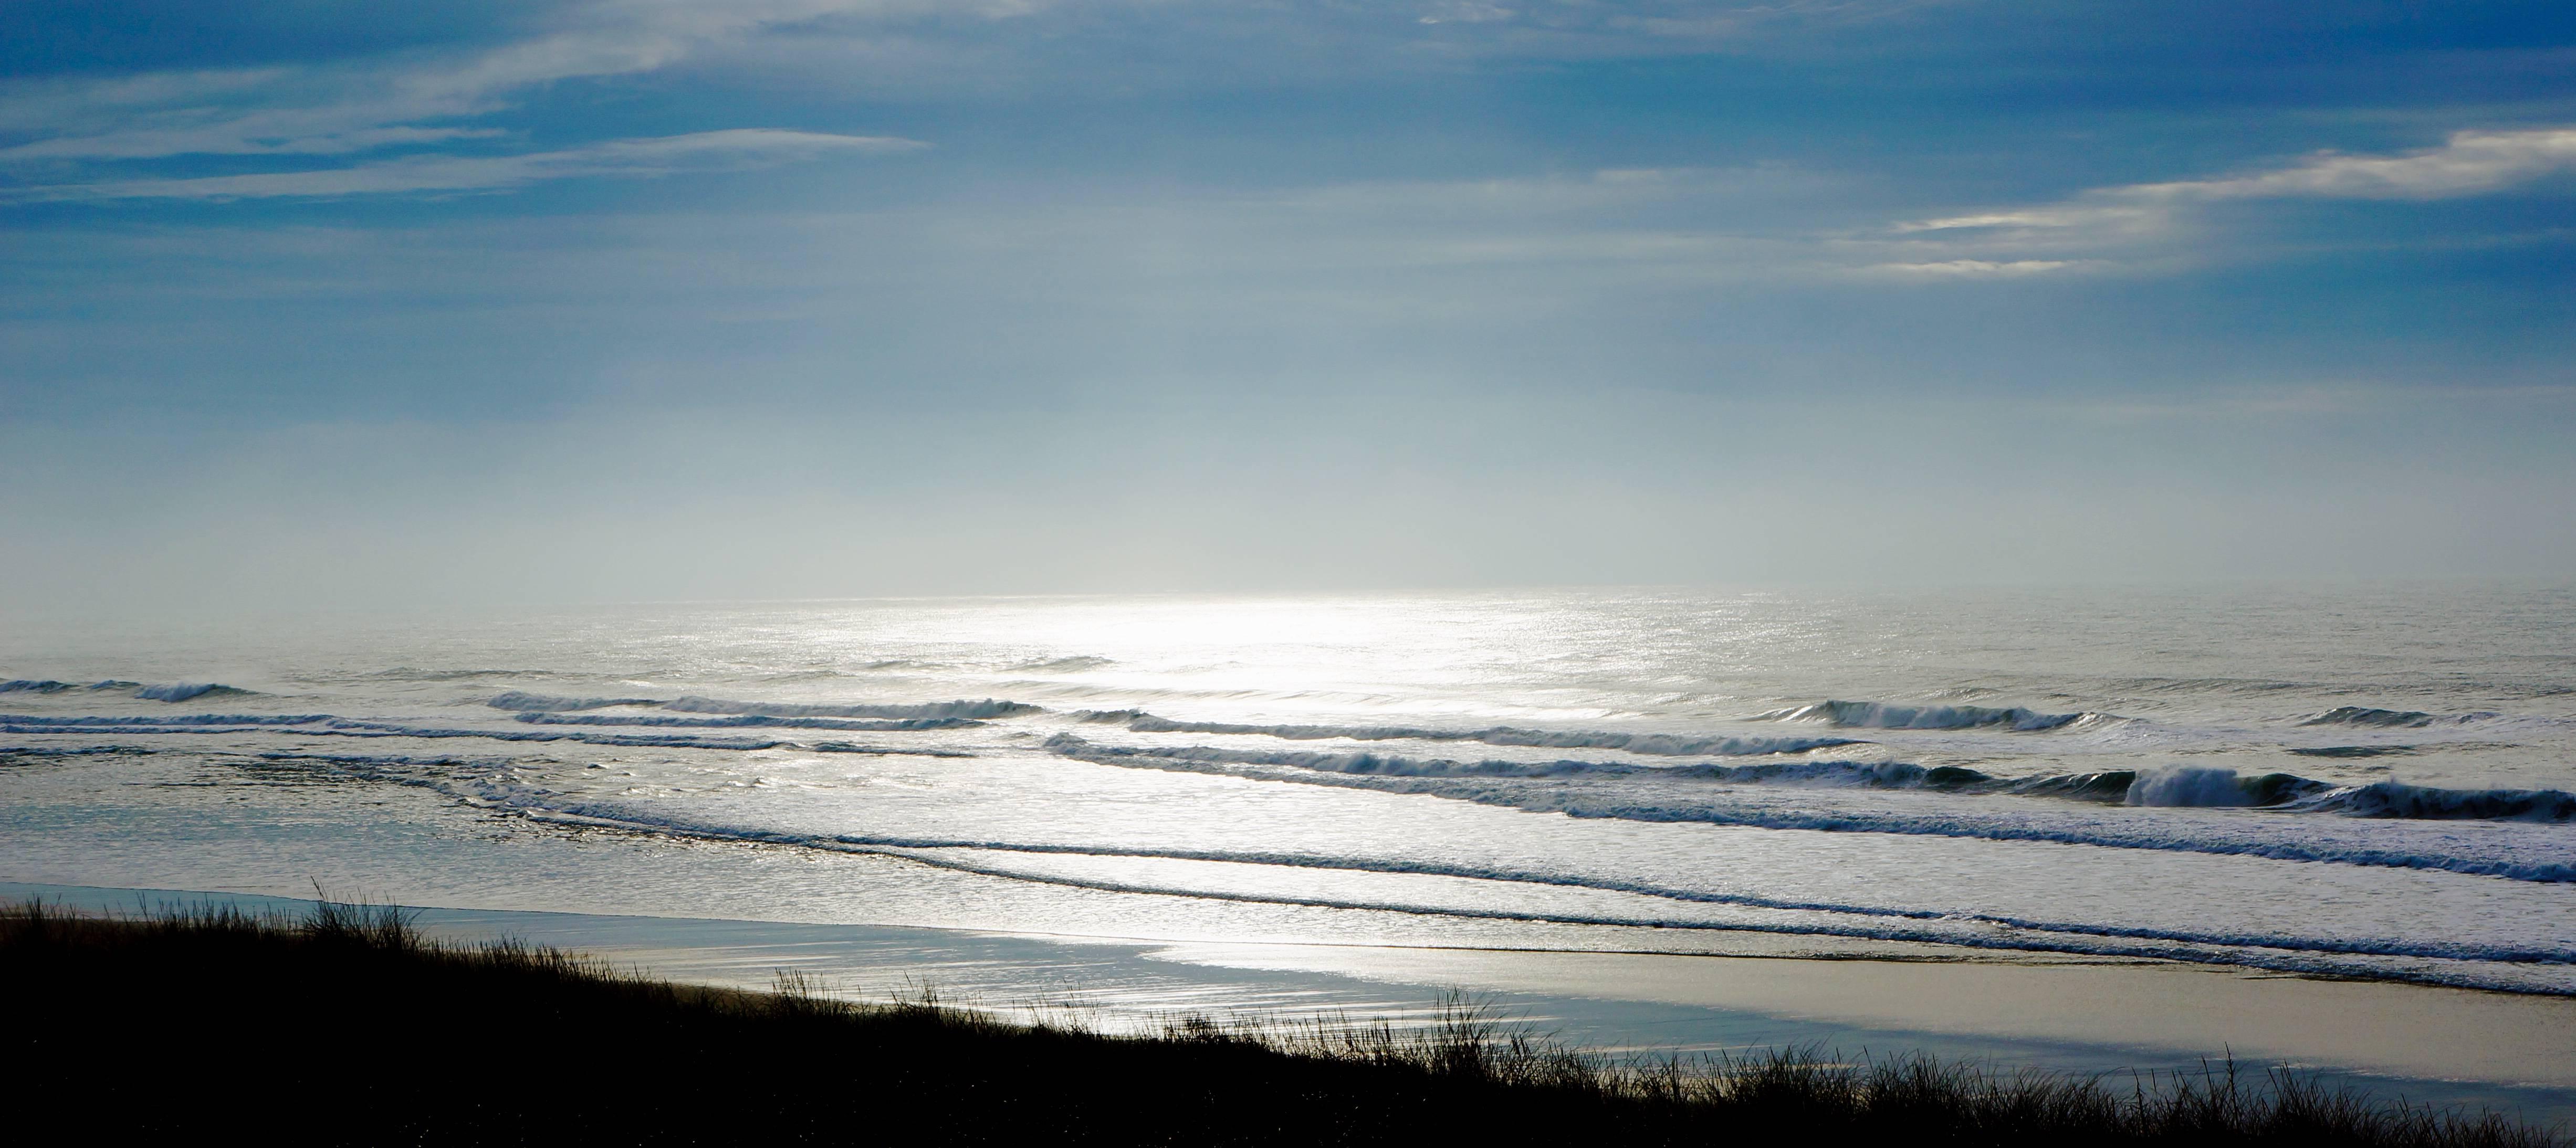 Photo 1: Des vagues et des hommes...